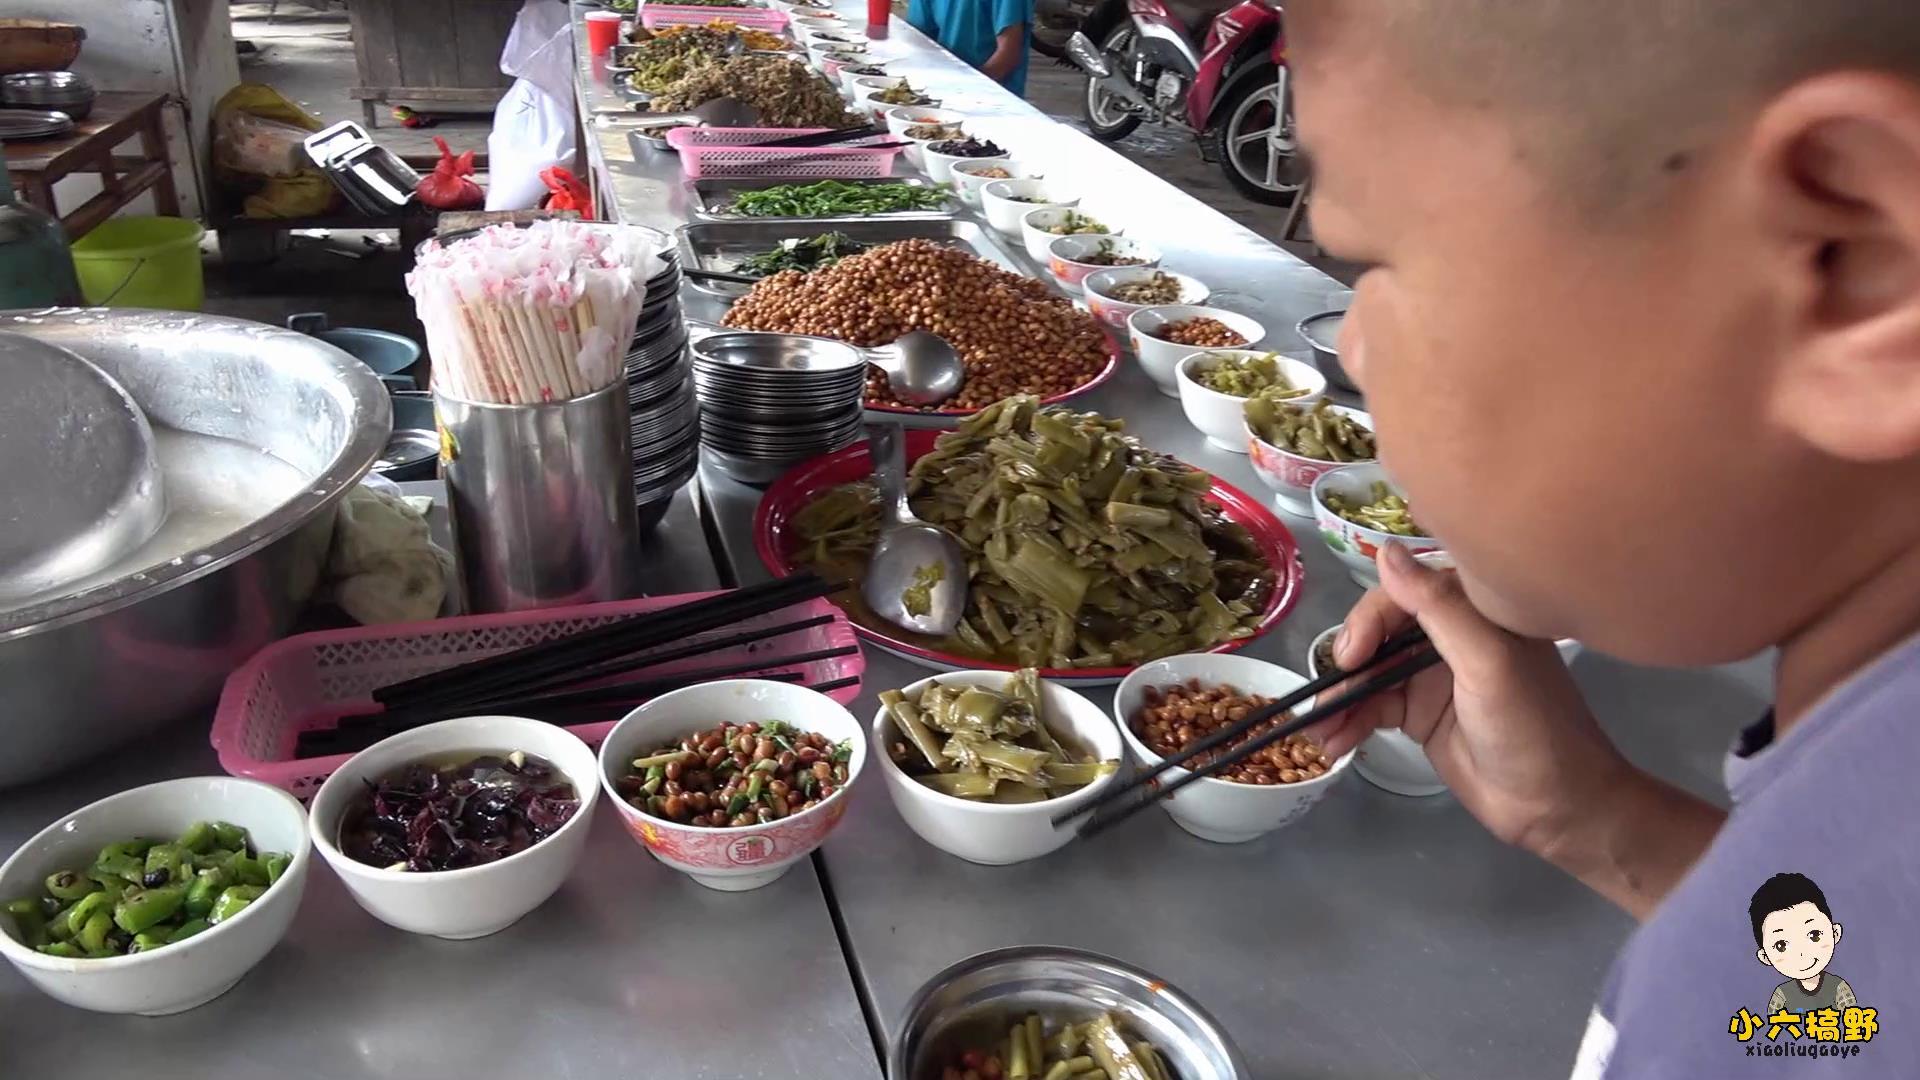 经济实惠,农村集市2块钱就能让你体验自助餐,菜品多而且管饱